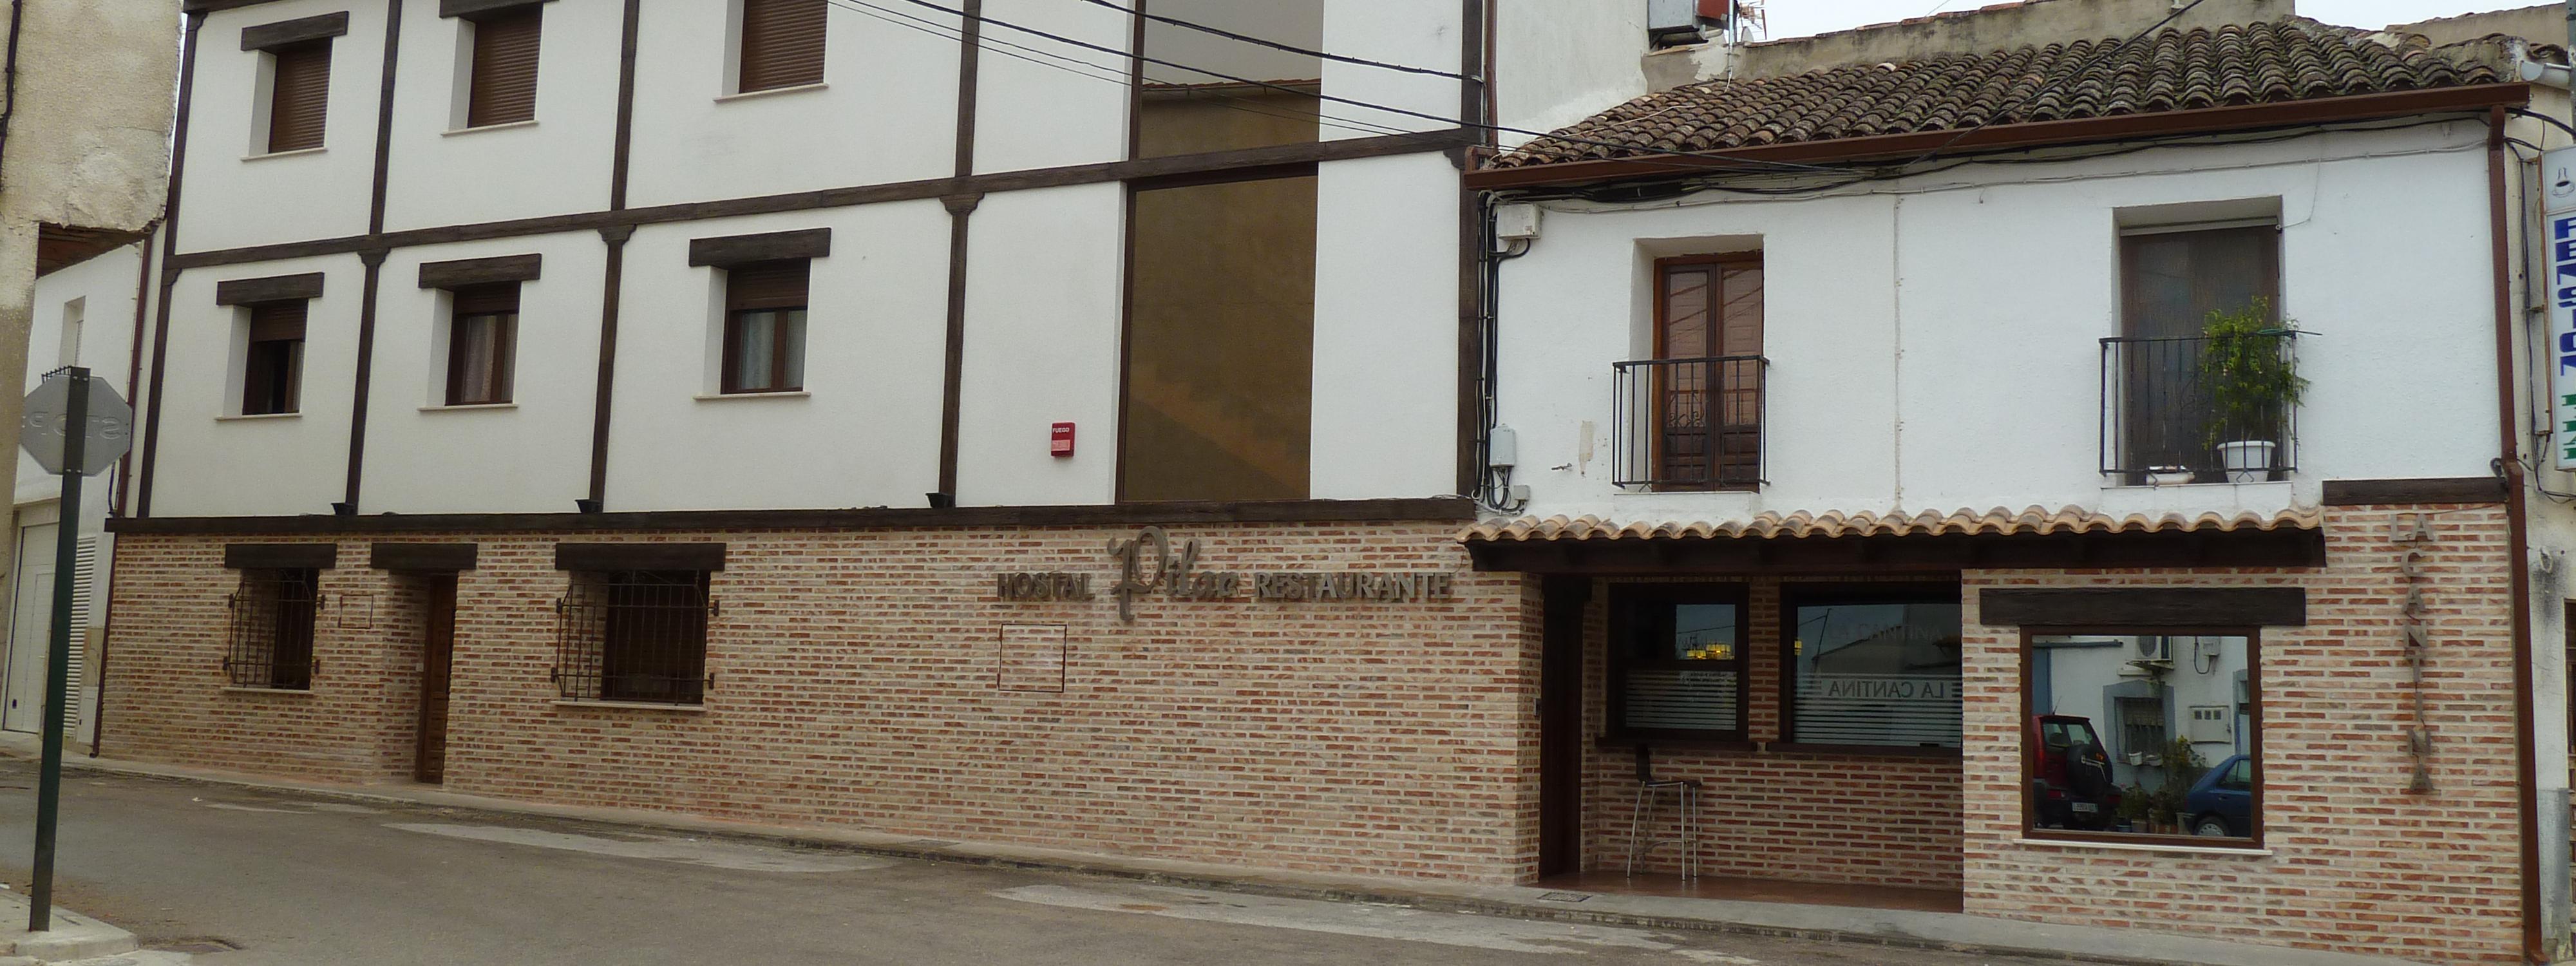 Alonso arquitectos valencia - Arquitectos valencia ...